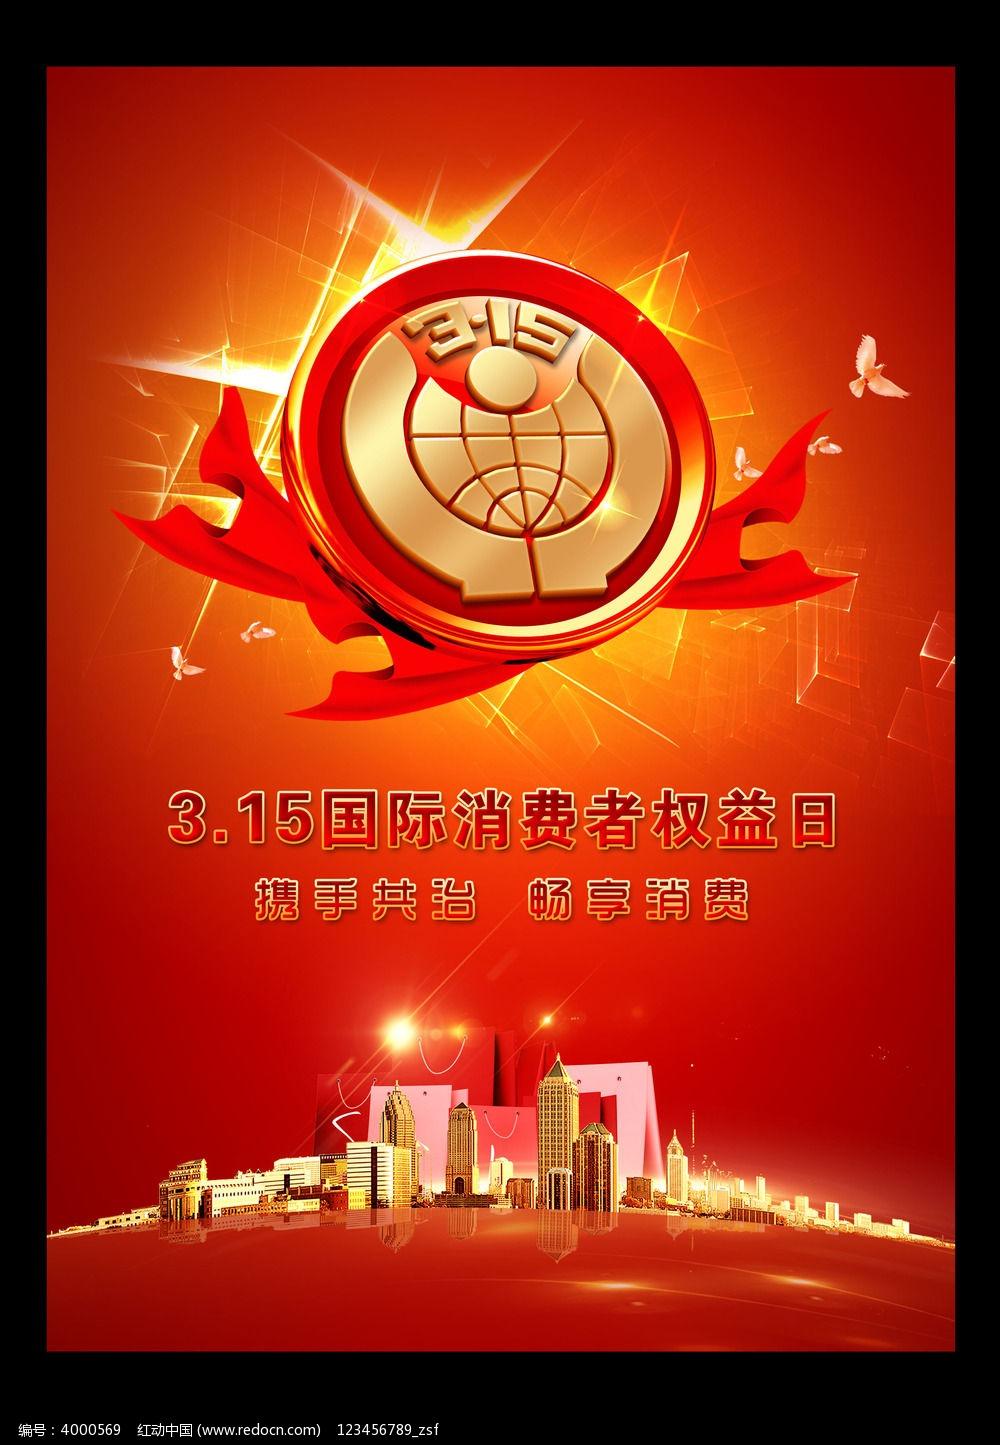 315國際消費者權益日海報